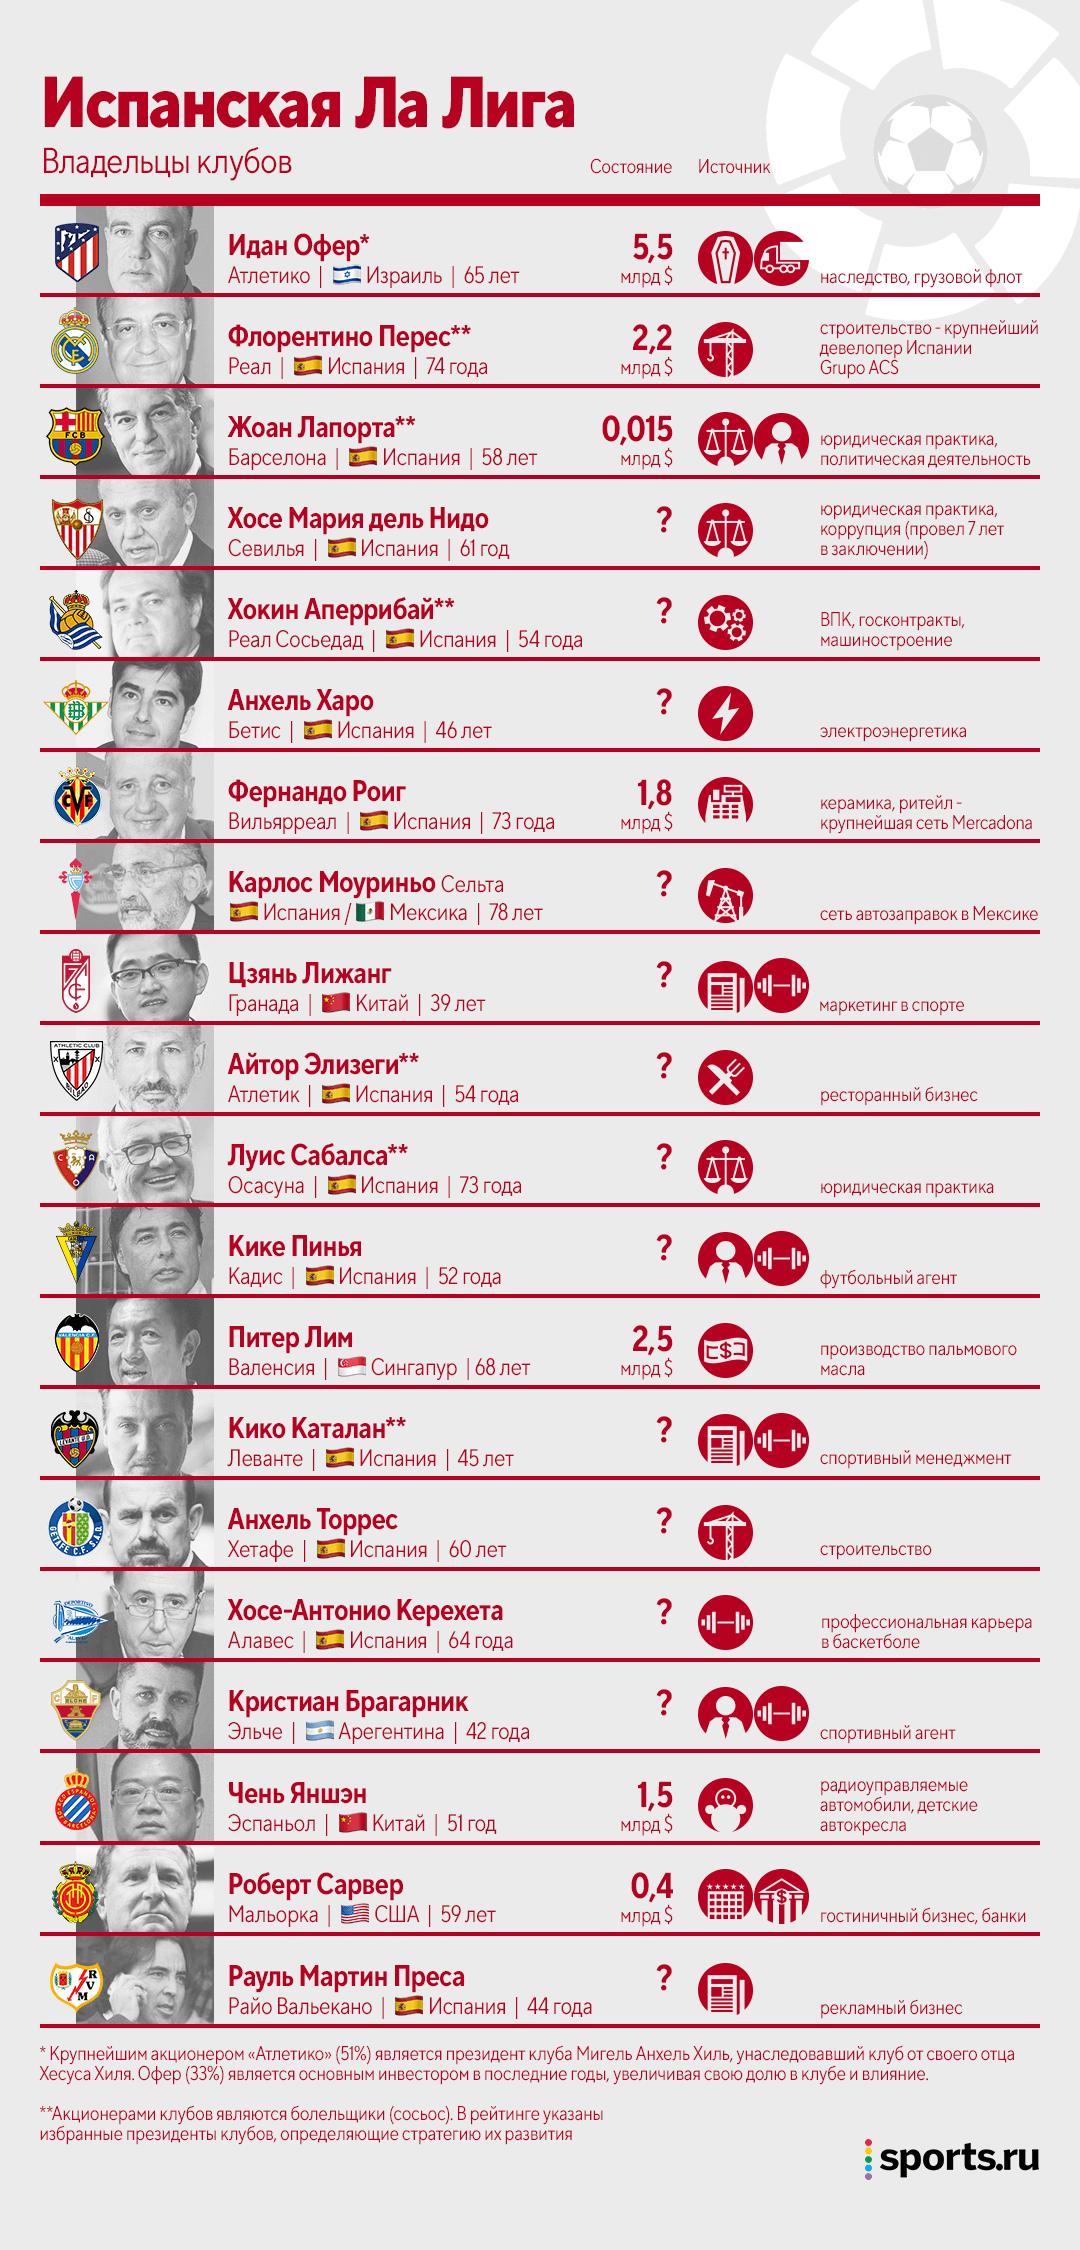 Кому принадлежит футбол? Путеводитель по владельцам всех 98 клубов топ-5 лиг